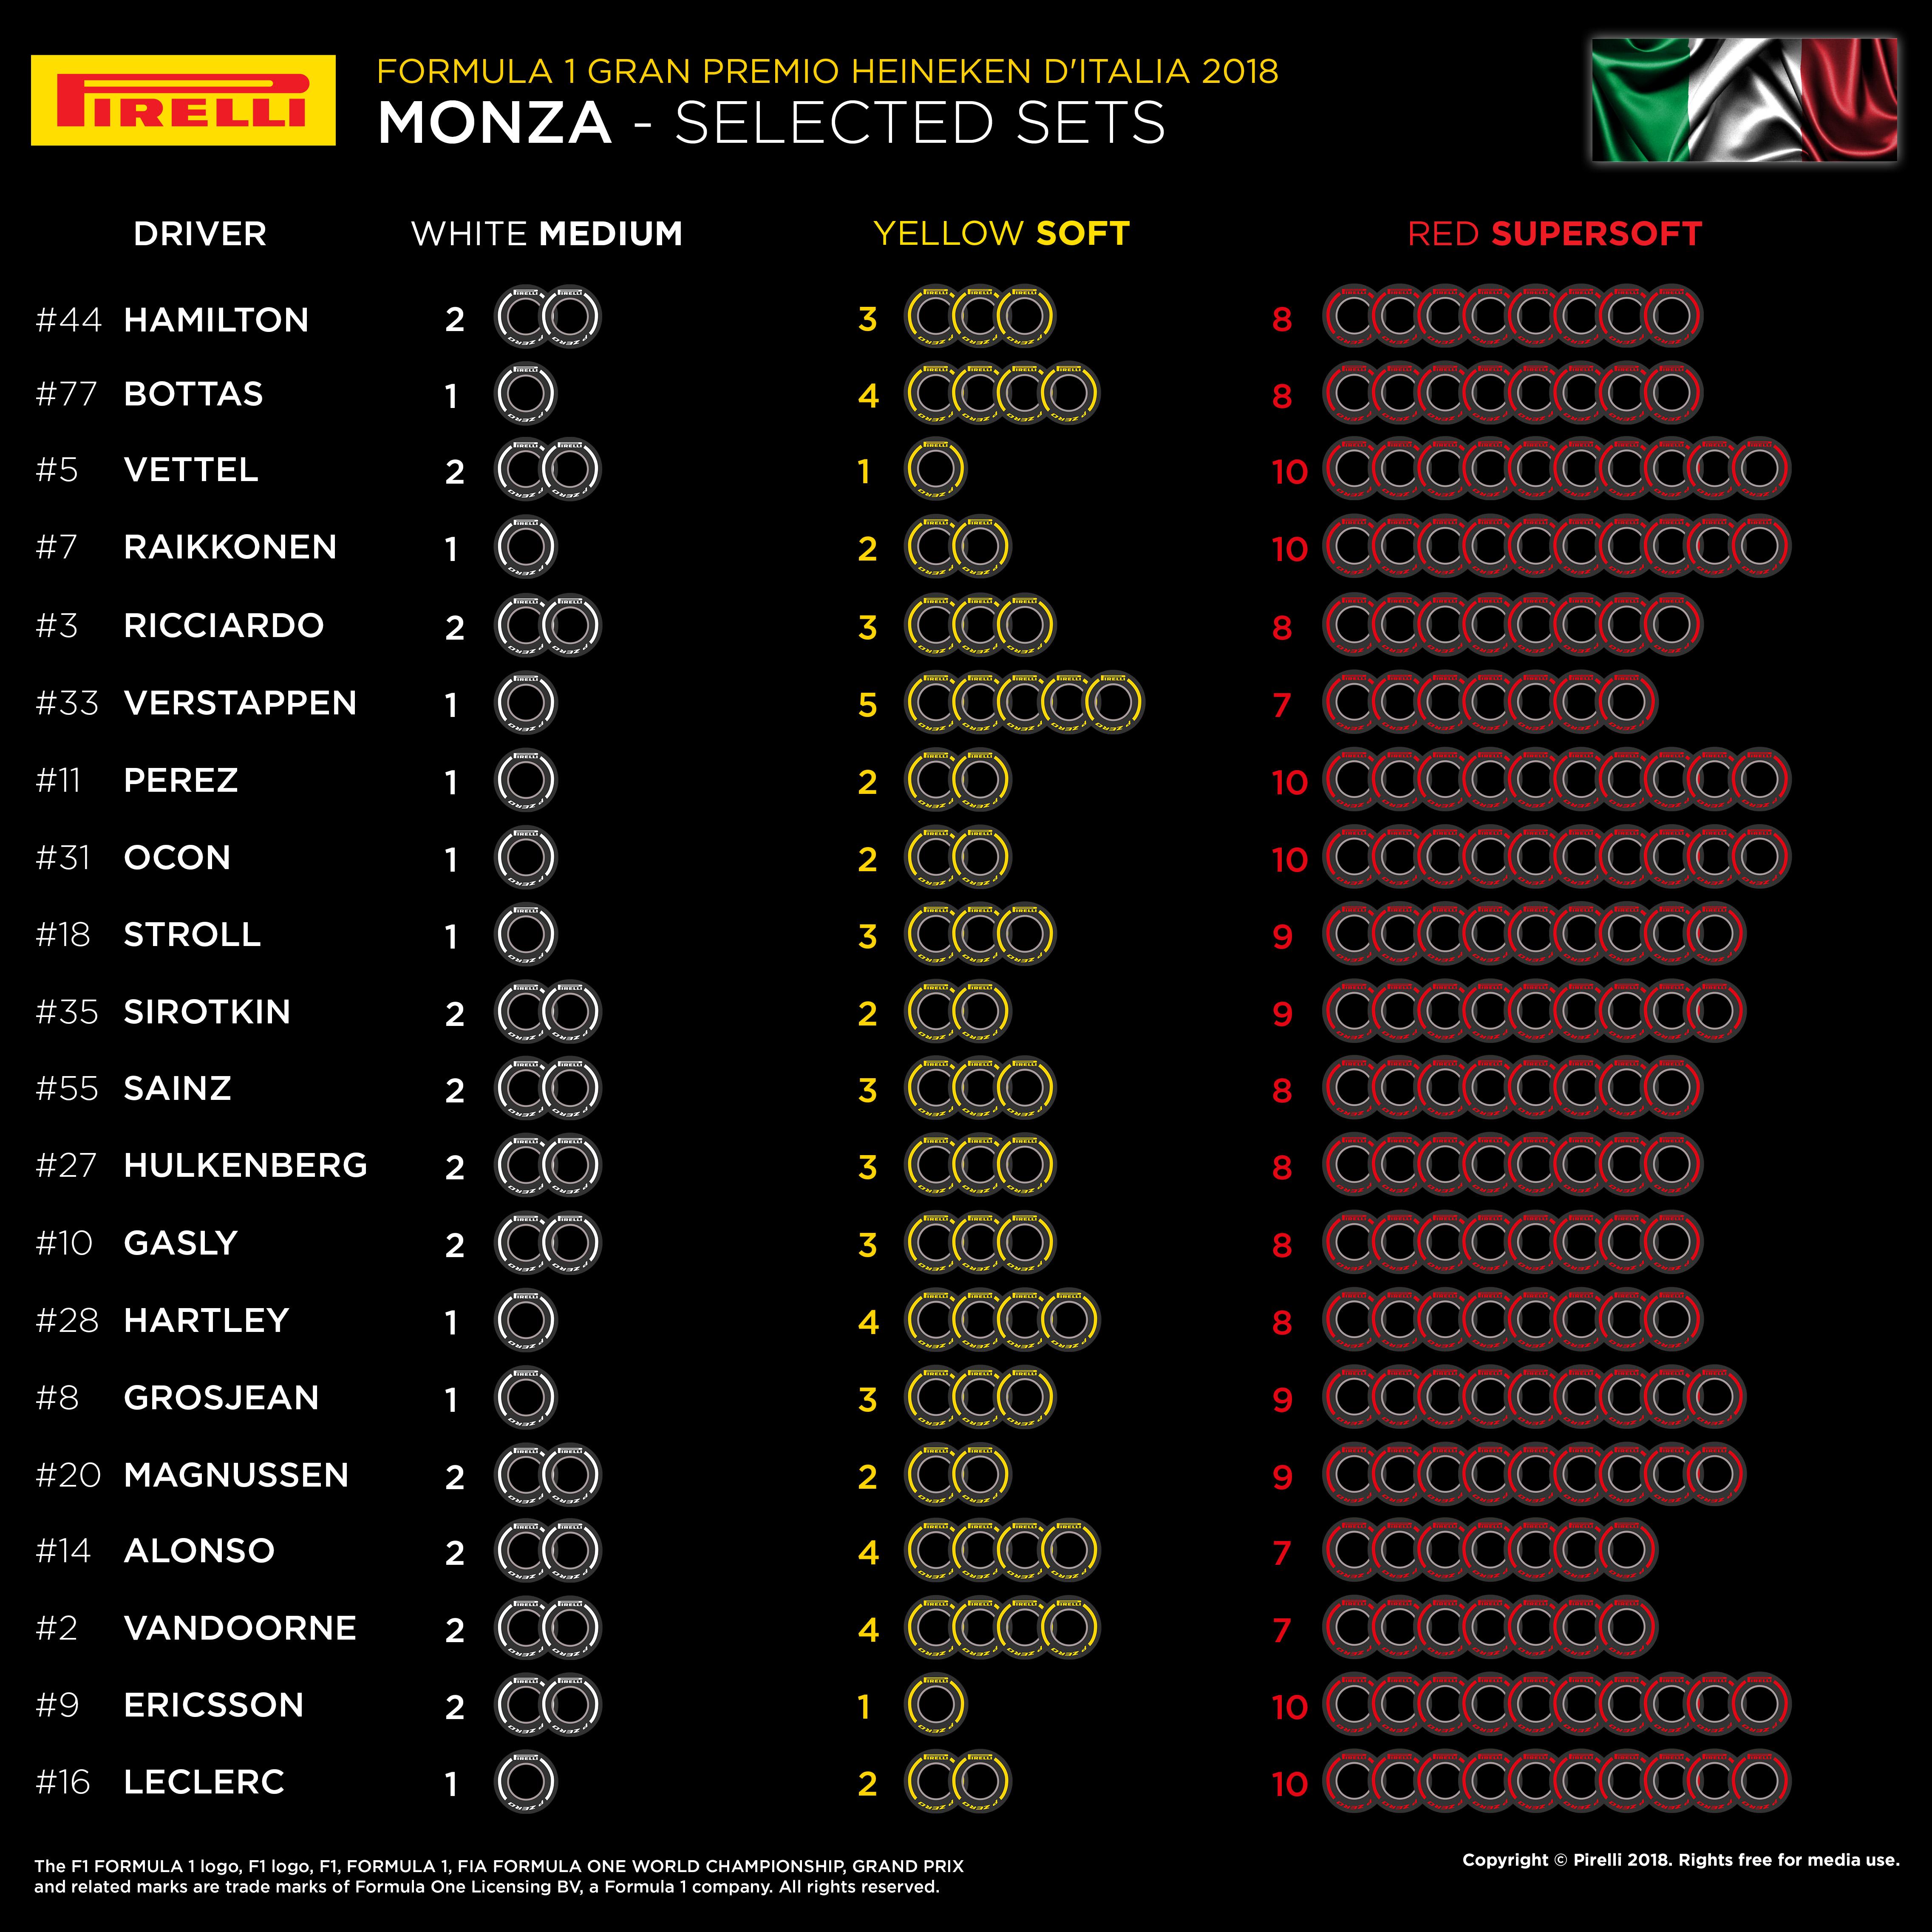 22336_14-it-selected-sets-per-driver-en.JPG